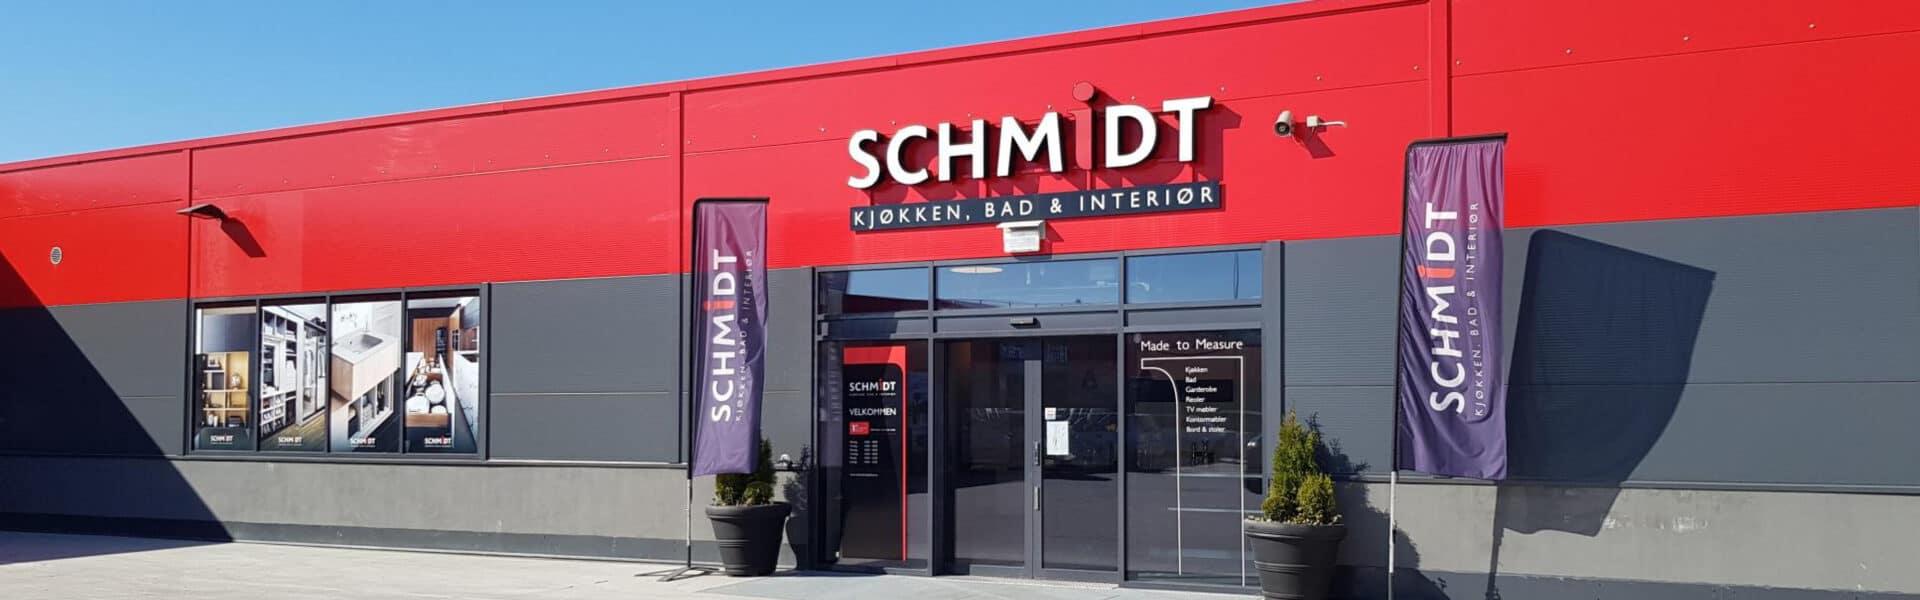 Schmidt kjøkken, bad og interiør i Drammen.